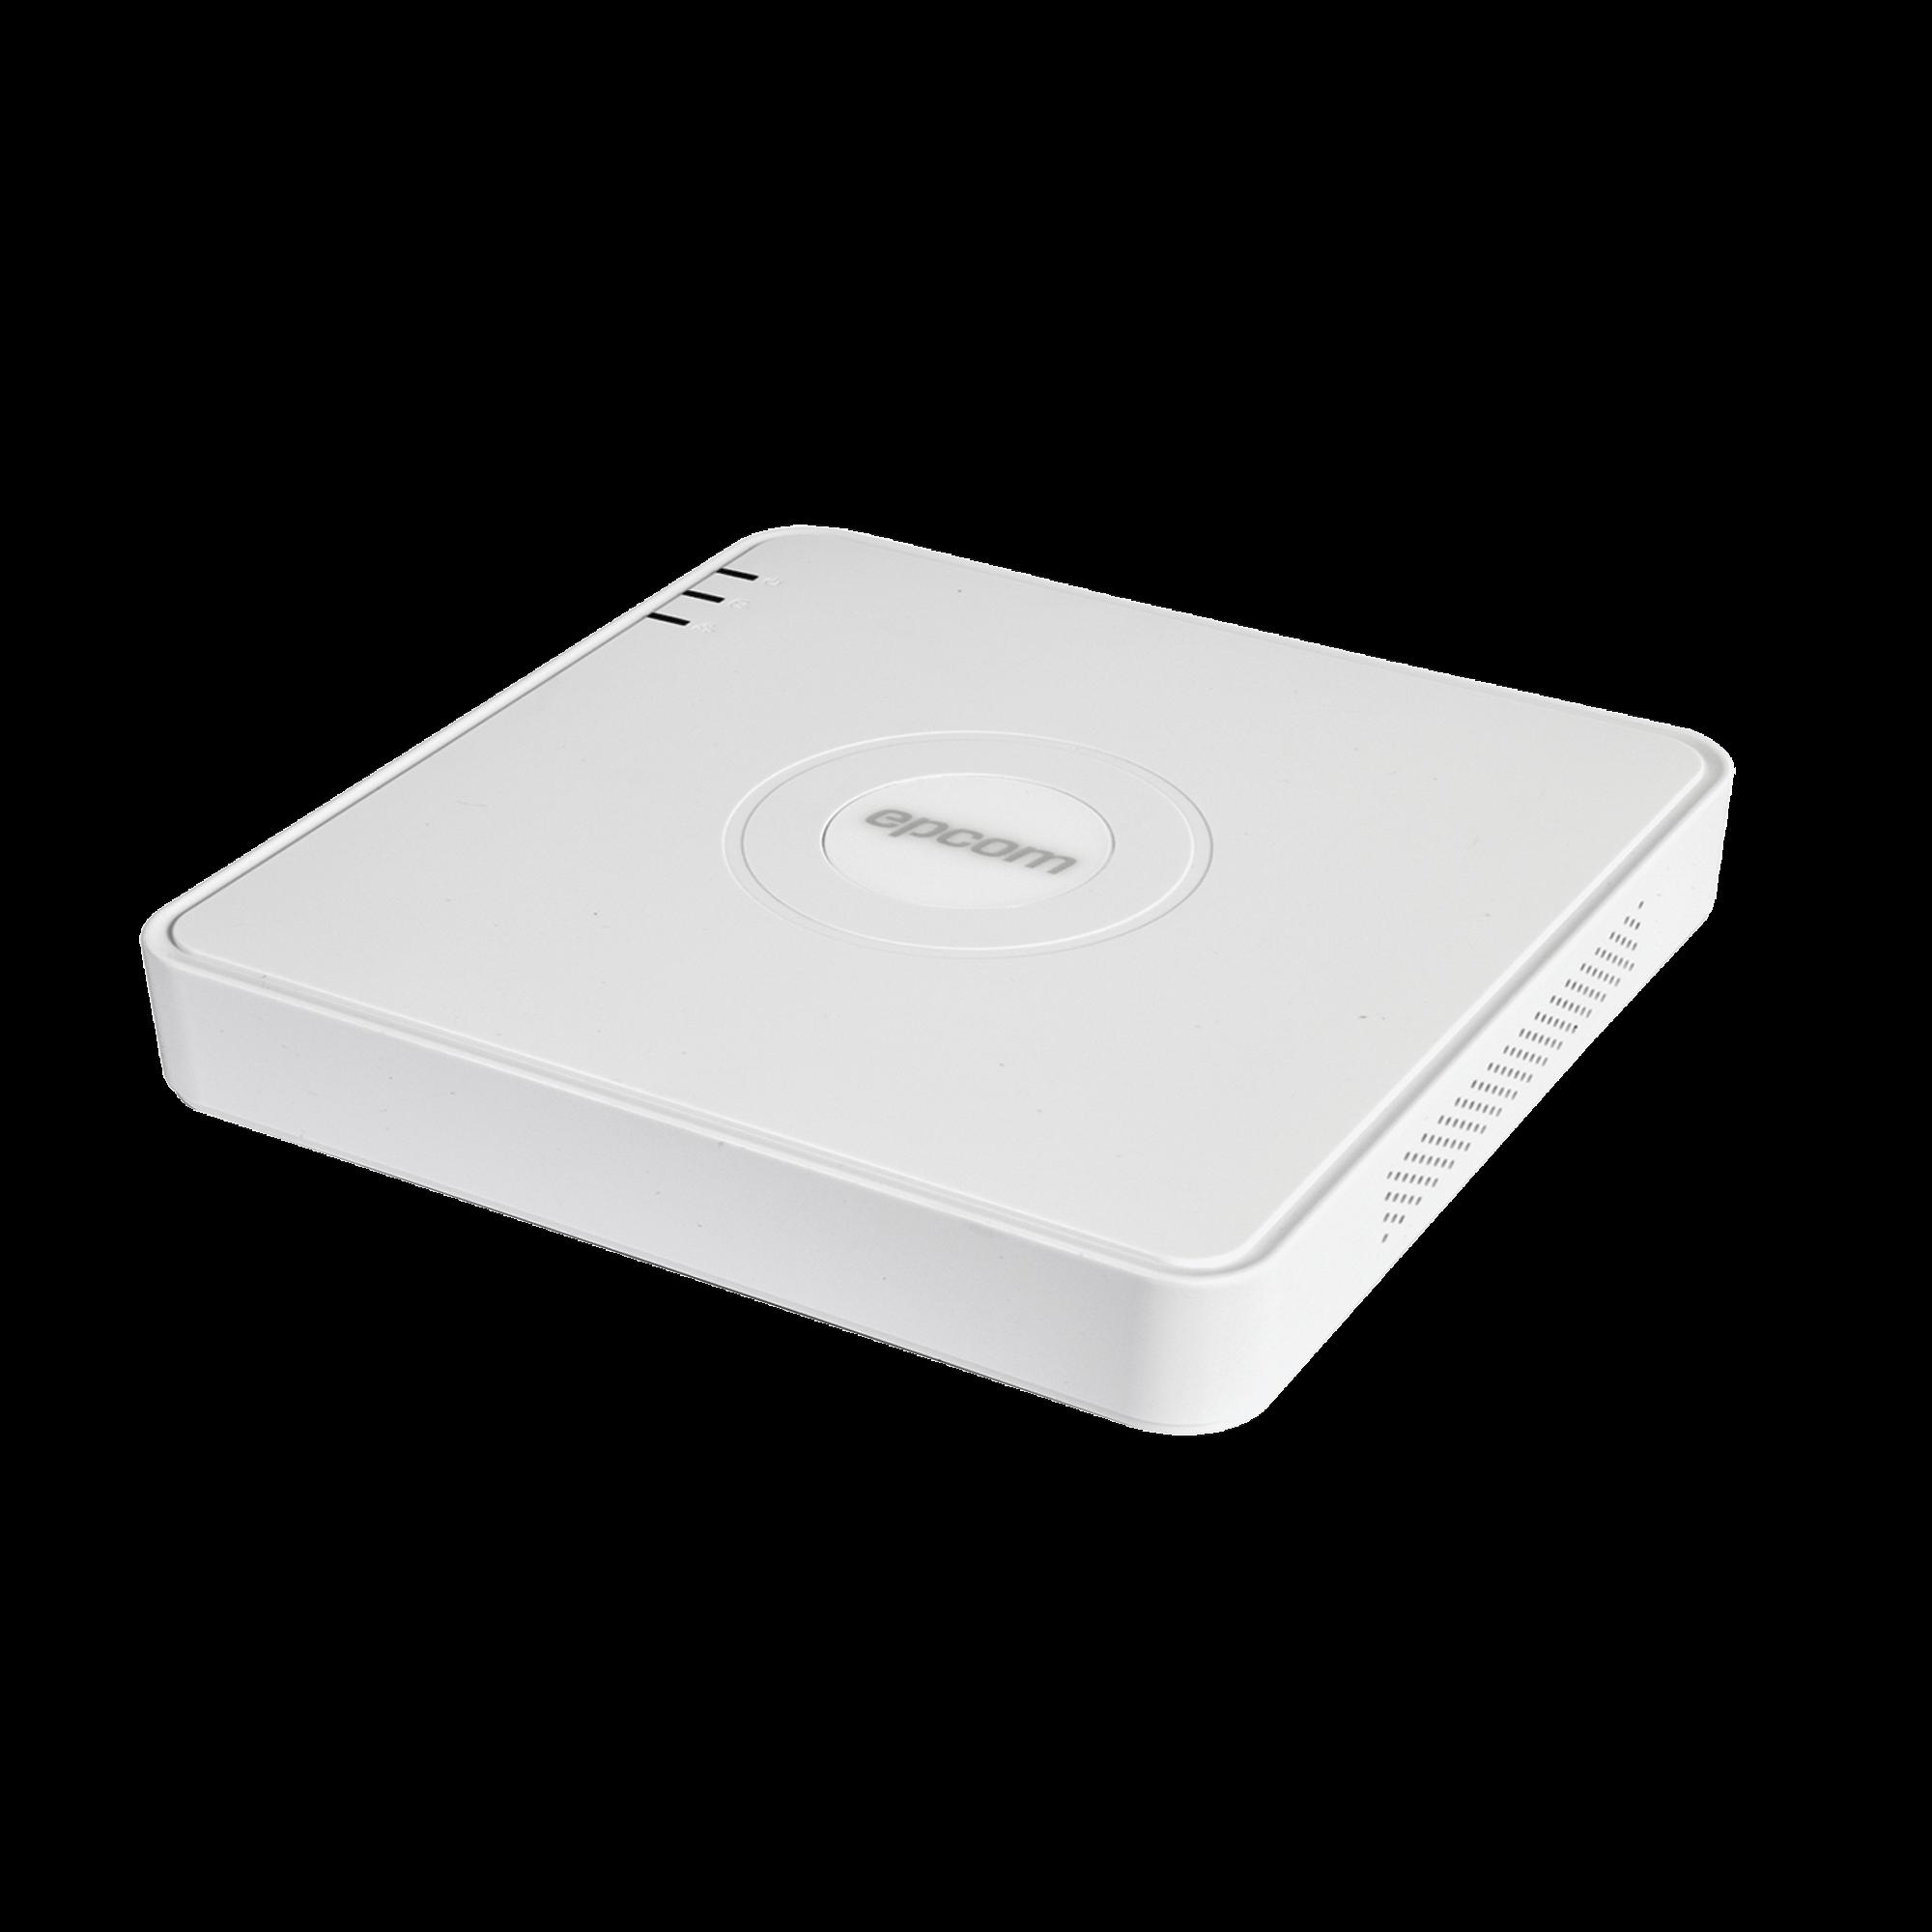 DVR 1080p Lite / 16 Canales TURBOHD + 2 canales IP / 1 Bahía de Disco Duro / H.264+ / 1 Canal de Audio / Salida de vídeo Full HD